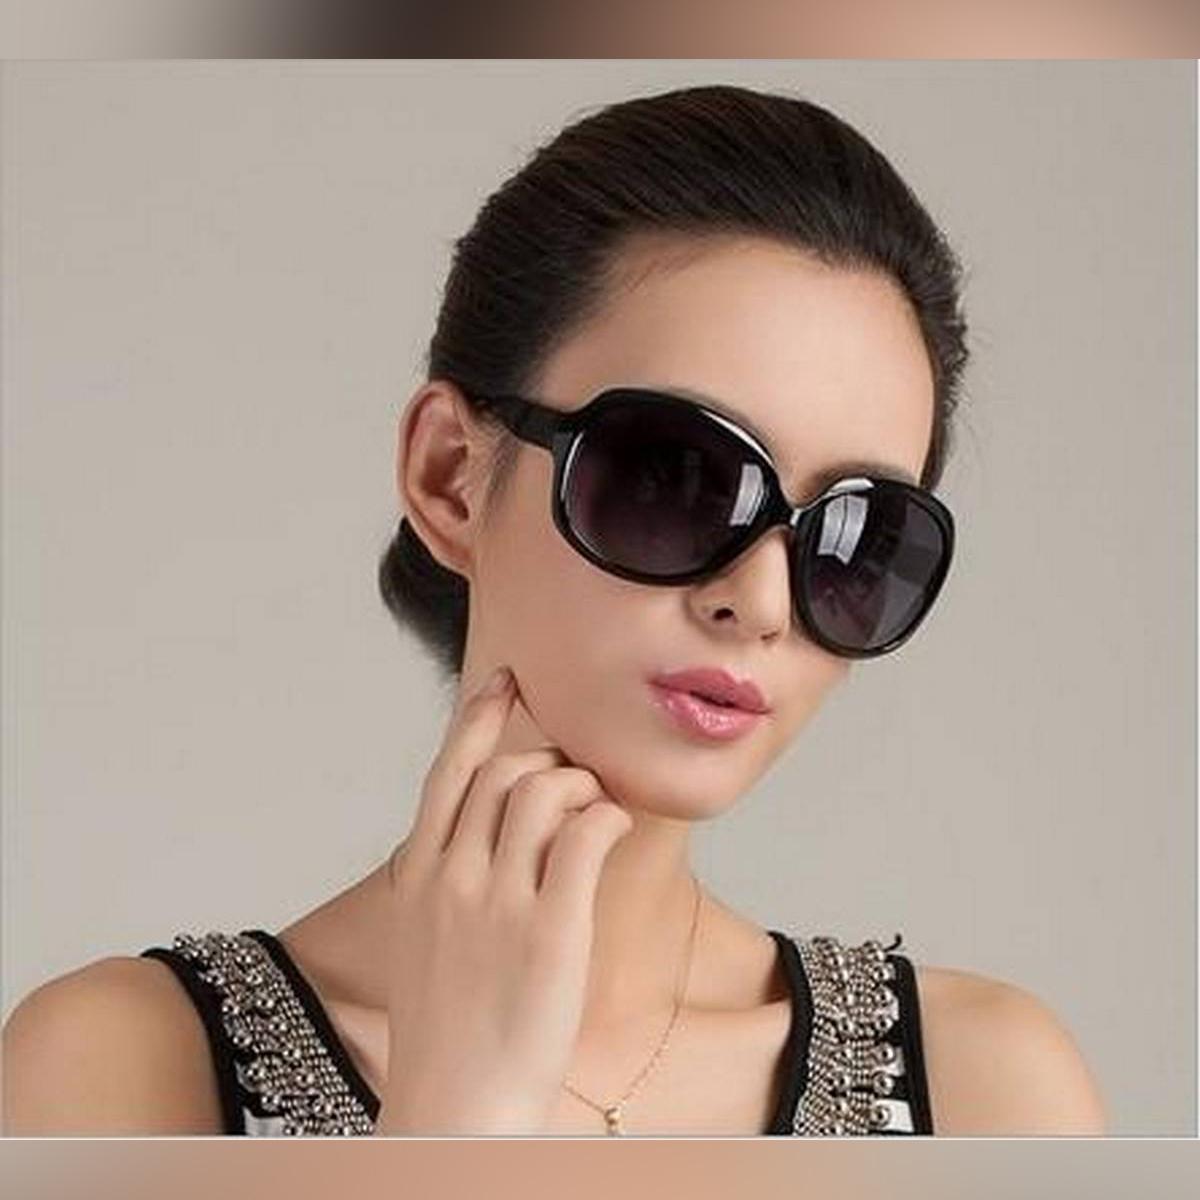 Sun Glasses - Women Fashion - Glasses - Ladies Glasses